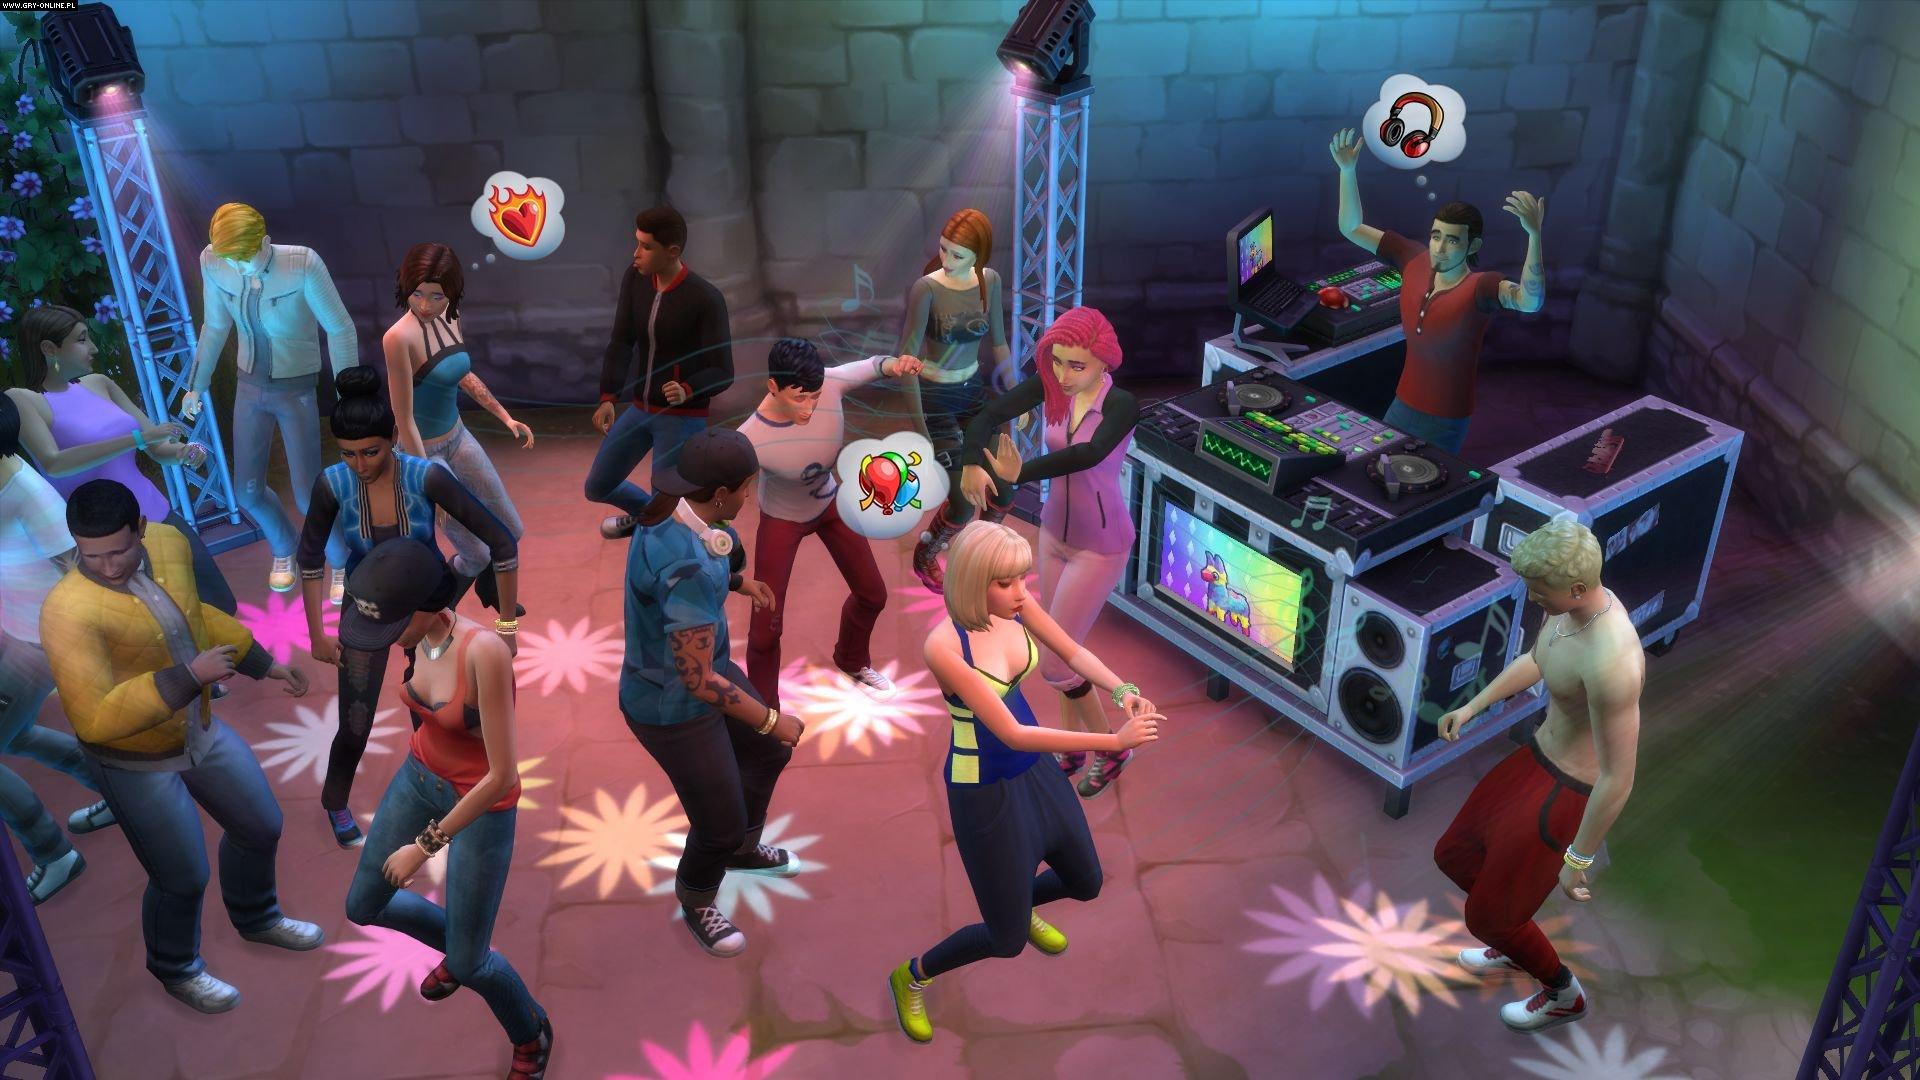 The-Sims-4-Spotkajmy-Się-002